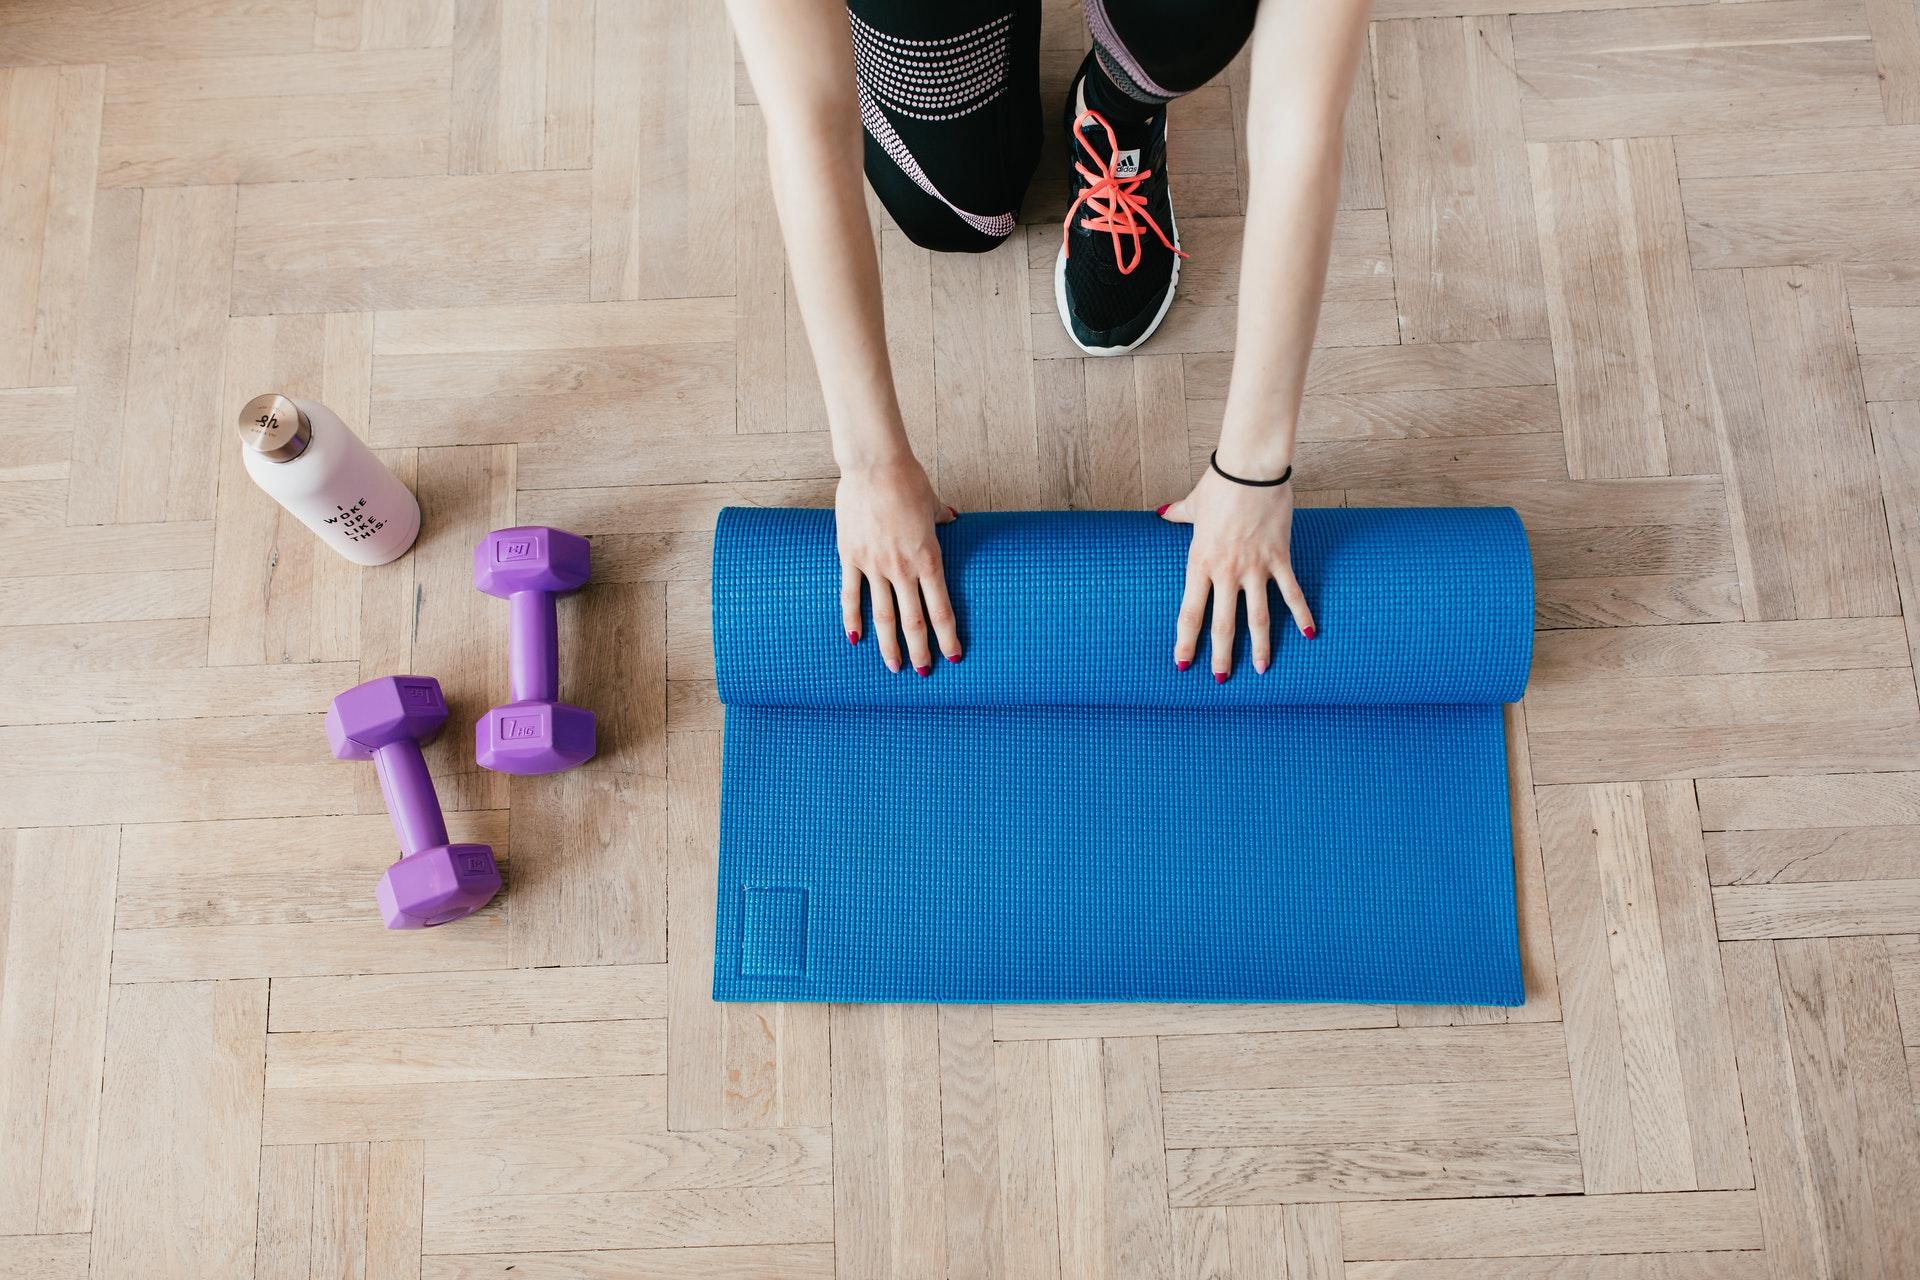 Kvinde ruller yogamåtte